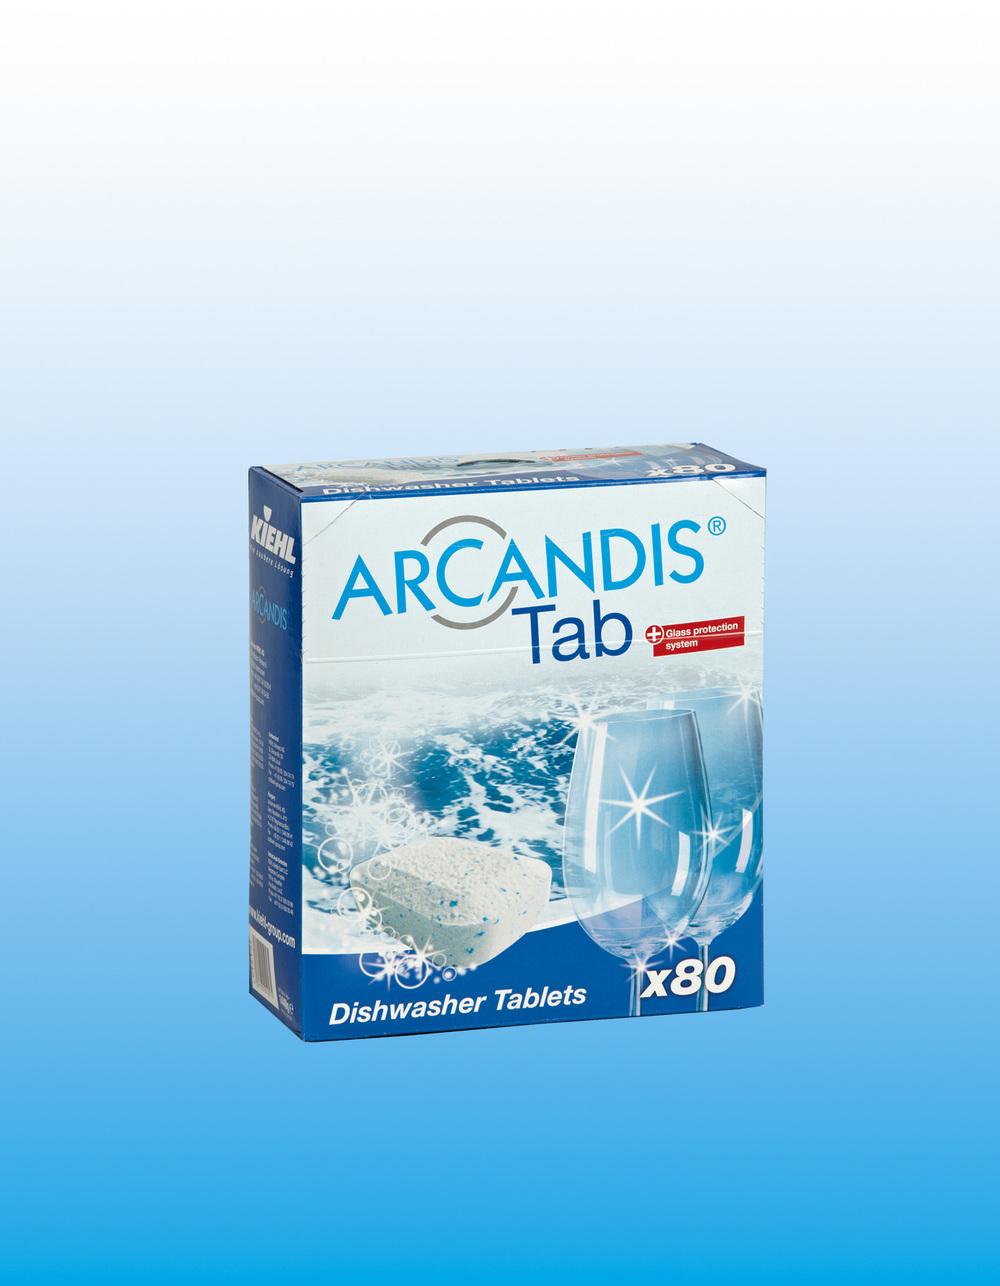 Arcandis Eco Tab - Maskinoppvask, tabletter, uten fosfaterOppvasktabletter for alle husholdnings oppvask-maskiner. Produktet løser effektivt opp albumen og stivelse samt fett og fjerner vanskelige kaffe og te flekker. Selv ved lav temperatur på vaskesykluser, oppnår produktet optimal rengjøring.